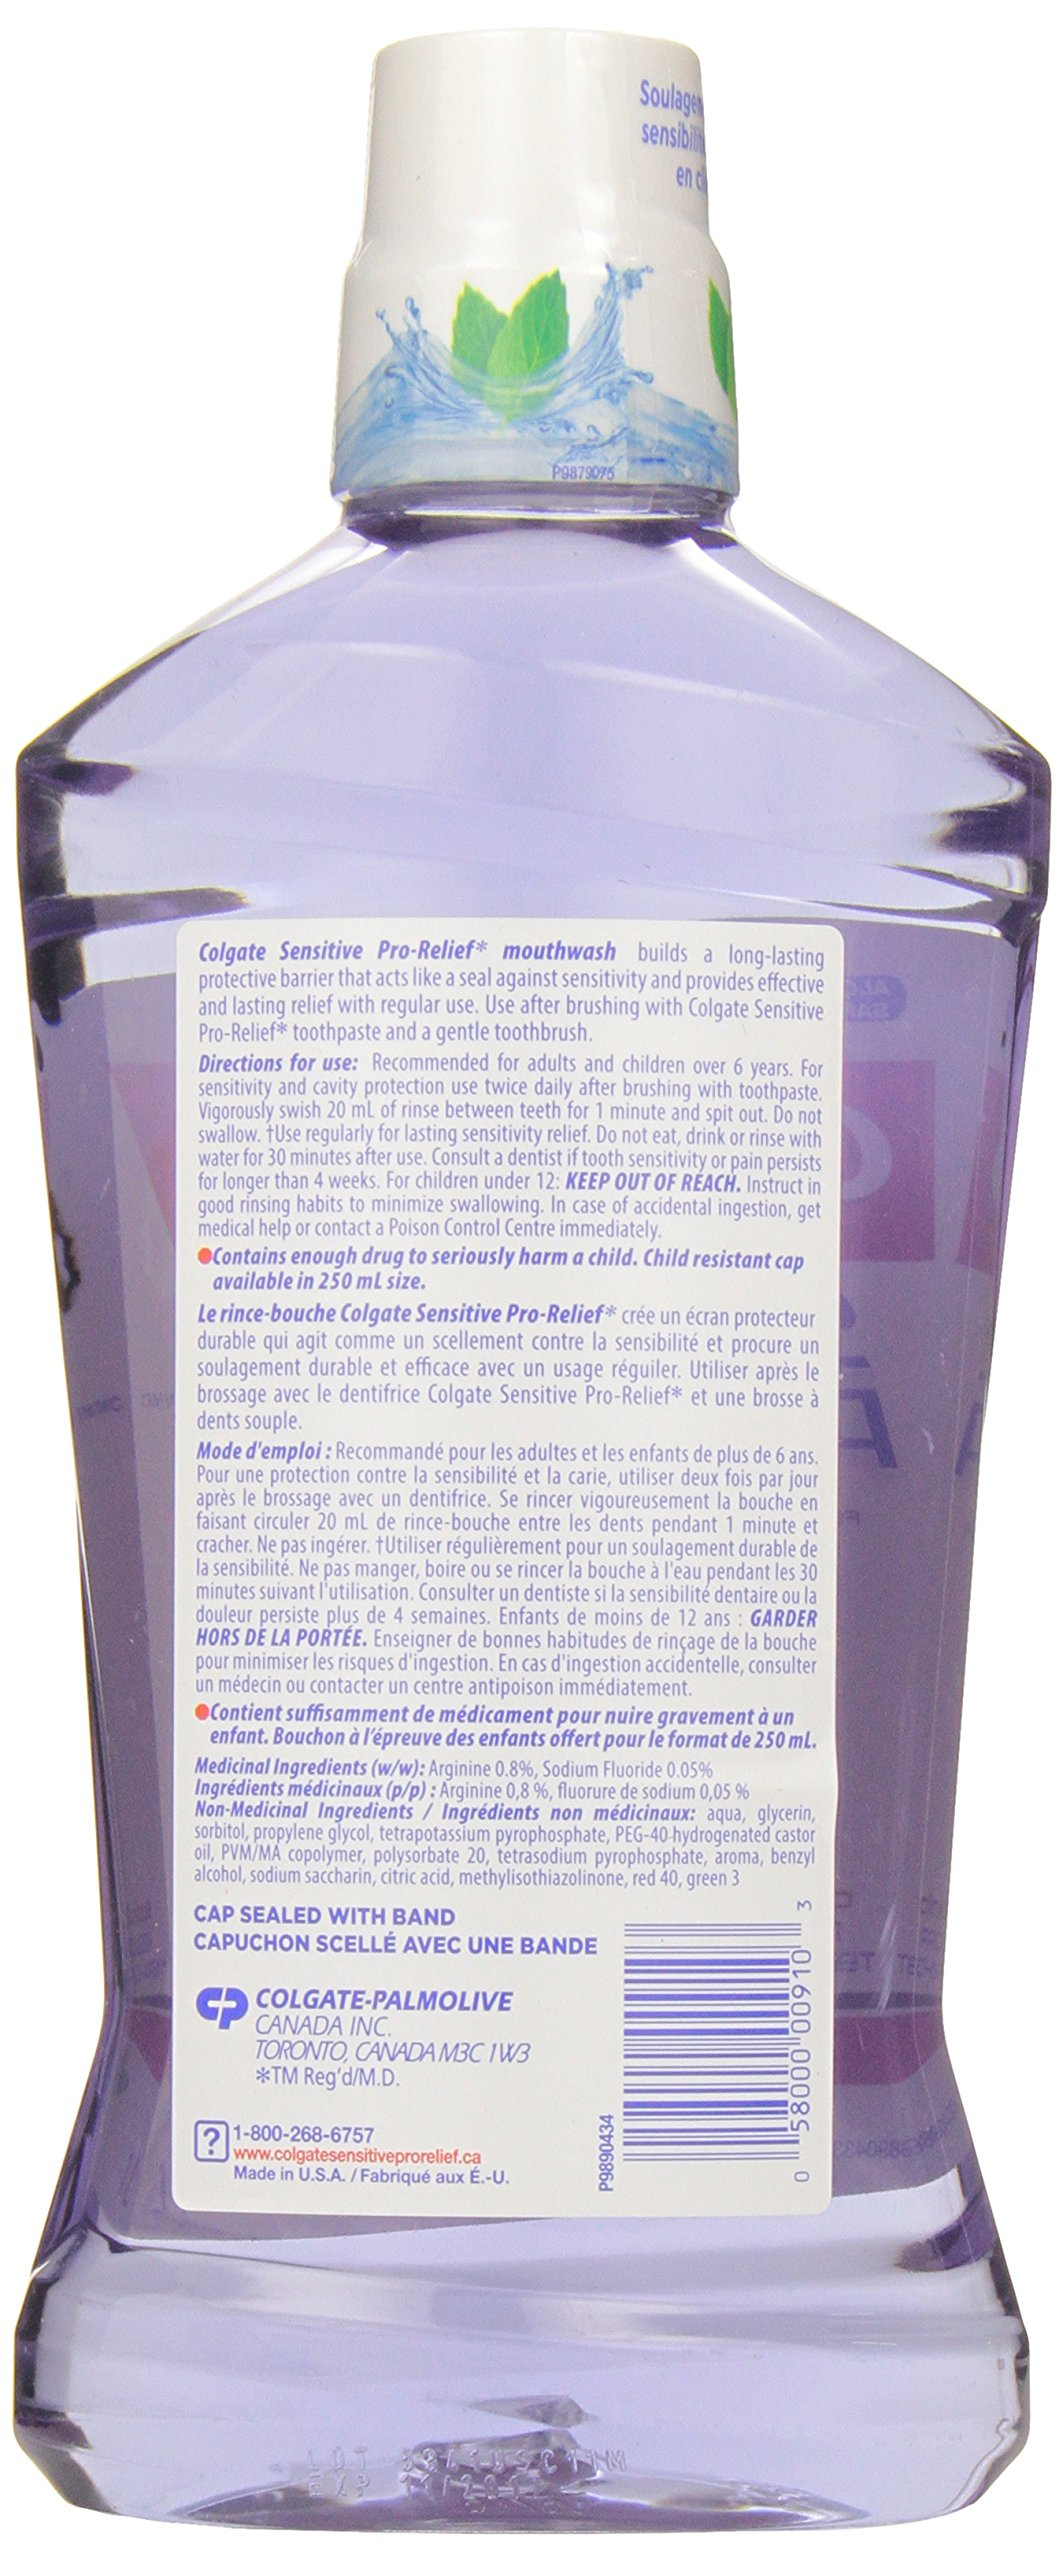 Colgate Sensitive Pro Relief Mouthwash Pro Argin Alcohol Free - Effective & Lasting Pain Relief (1000ml / 33.8 fl oz) by Colgate (Image #2)